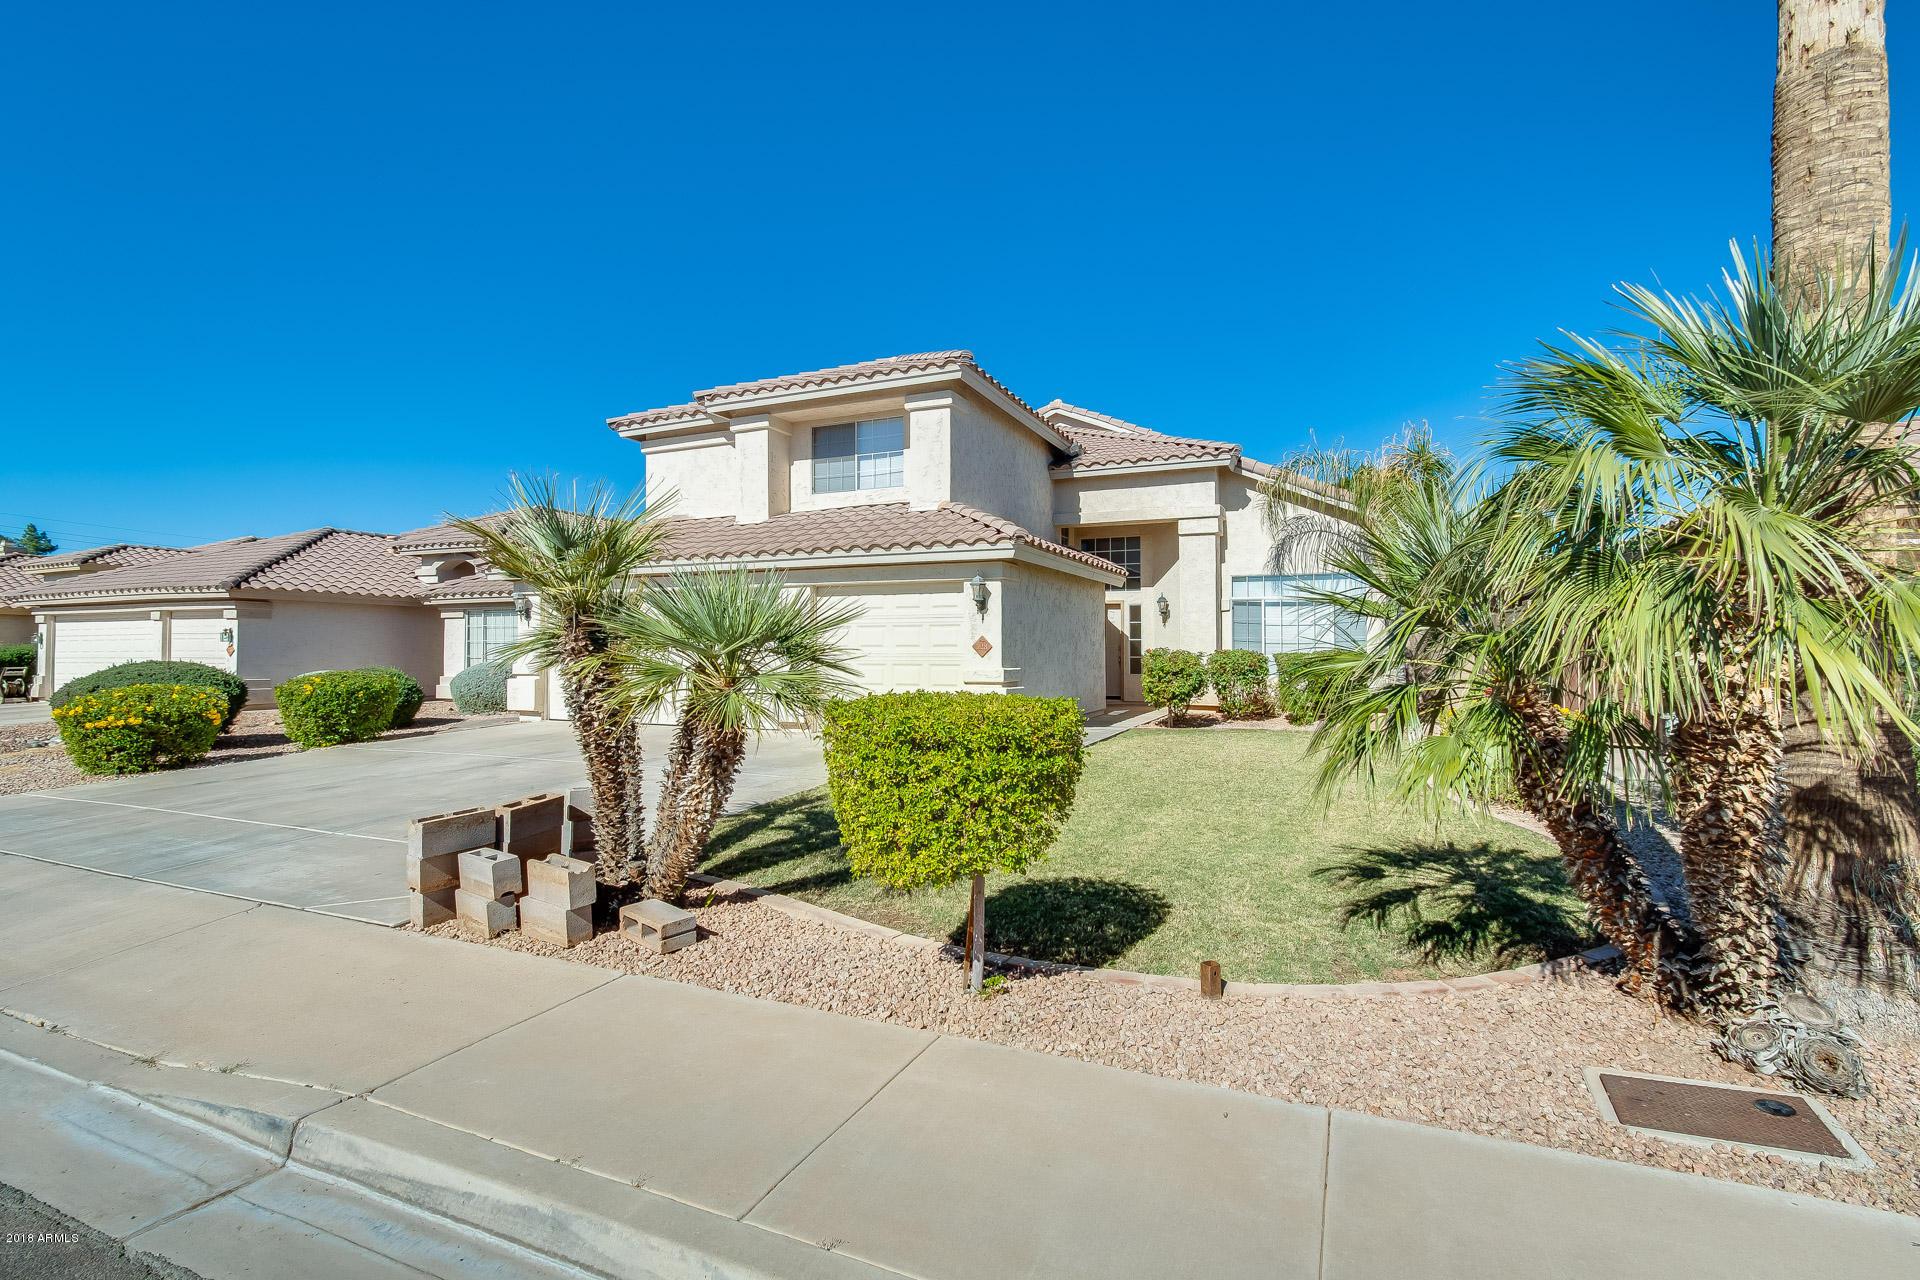 Photo of 728 W DOUGLAS Avenue, Gilbert, AZ 85233